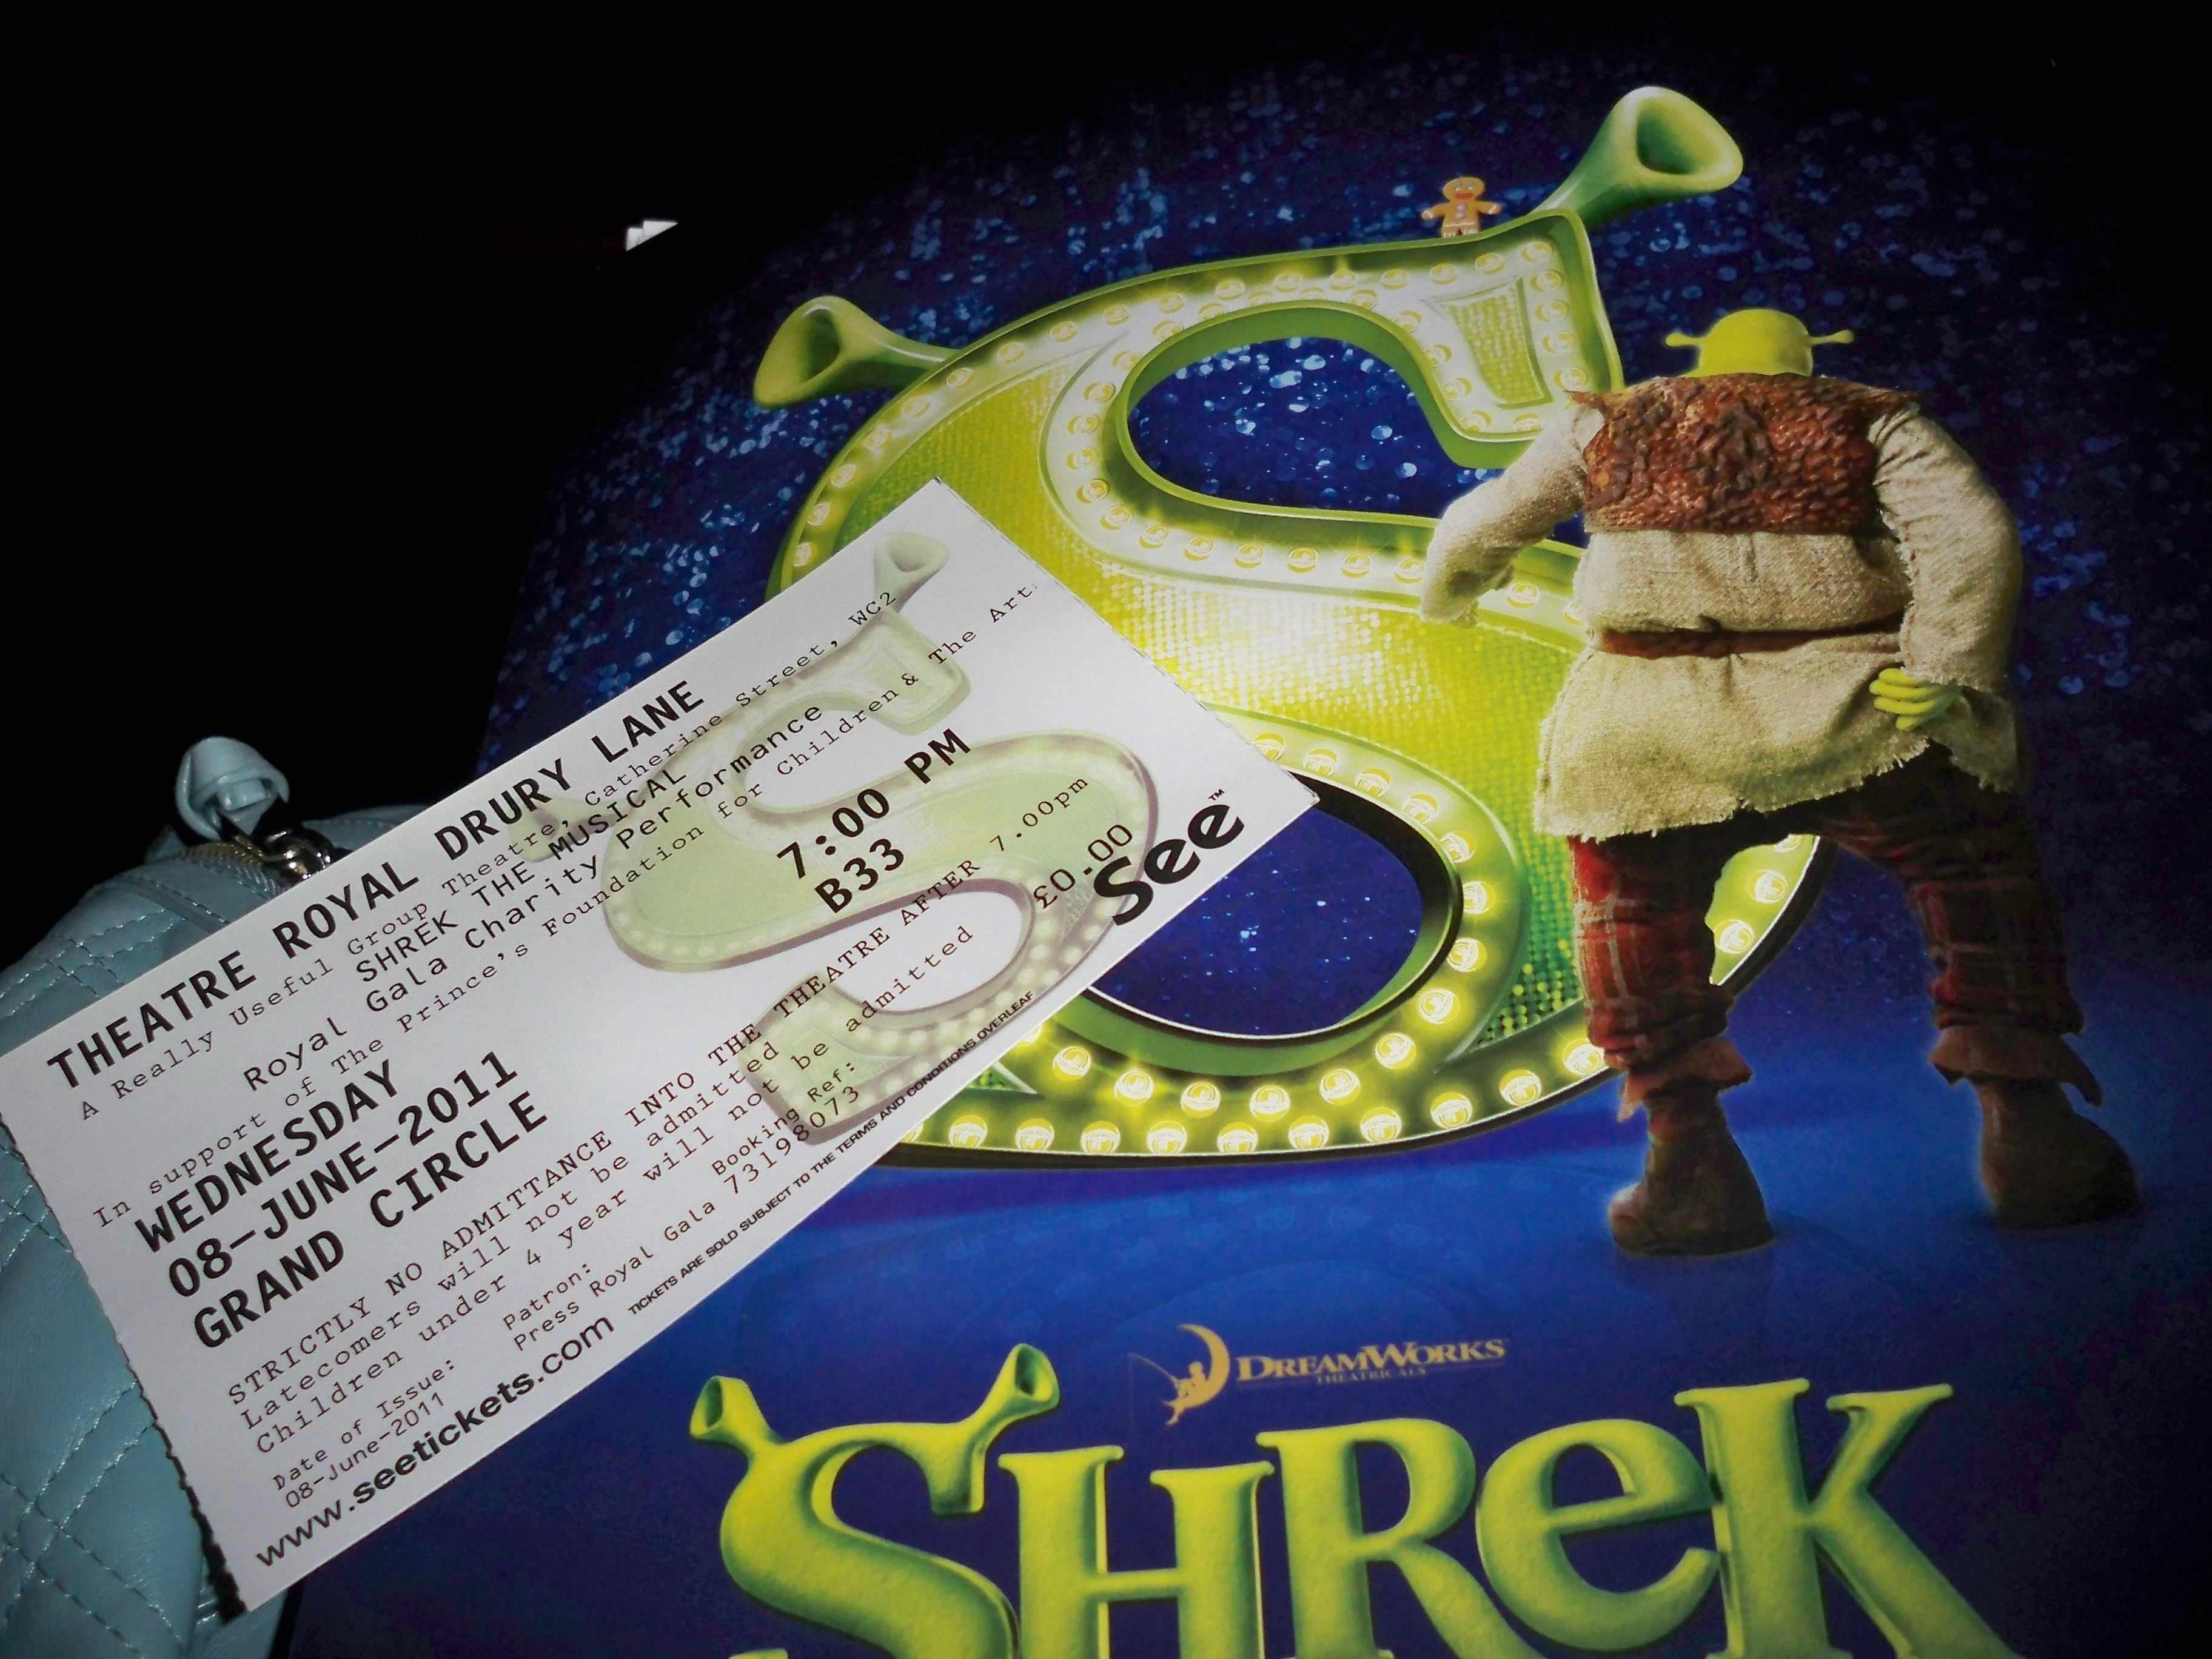 mfm-go-ogre-mad-at-shrek-the-musical_22420